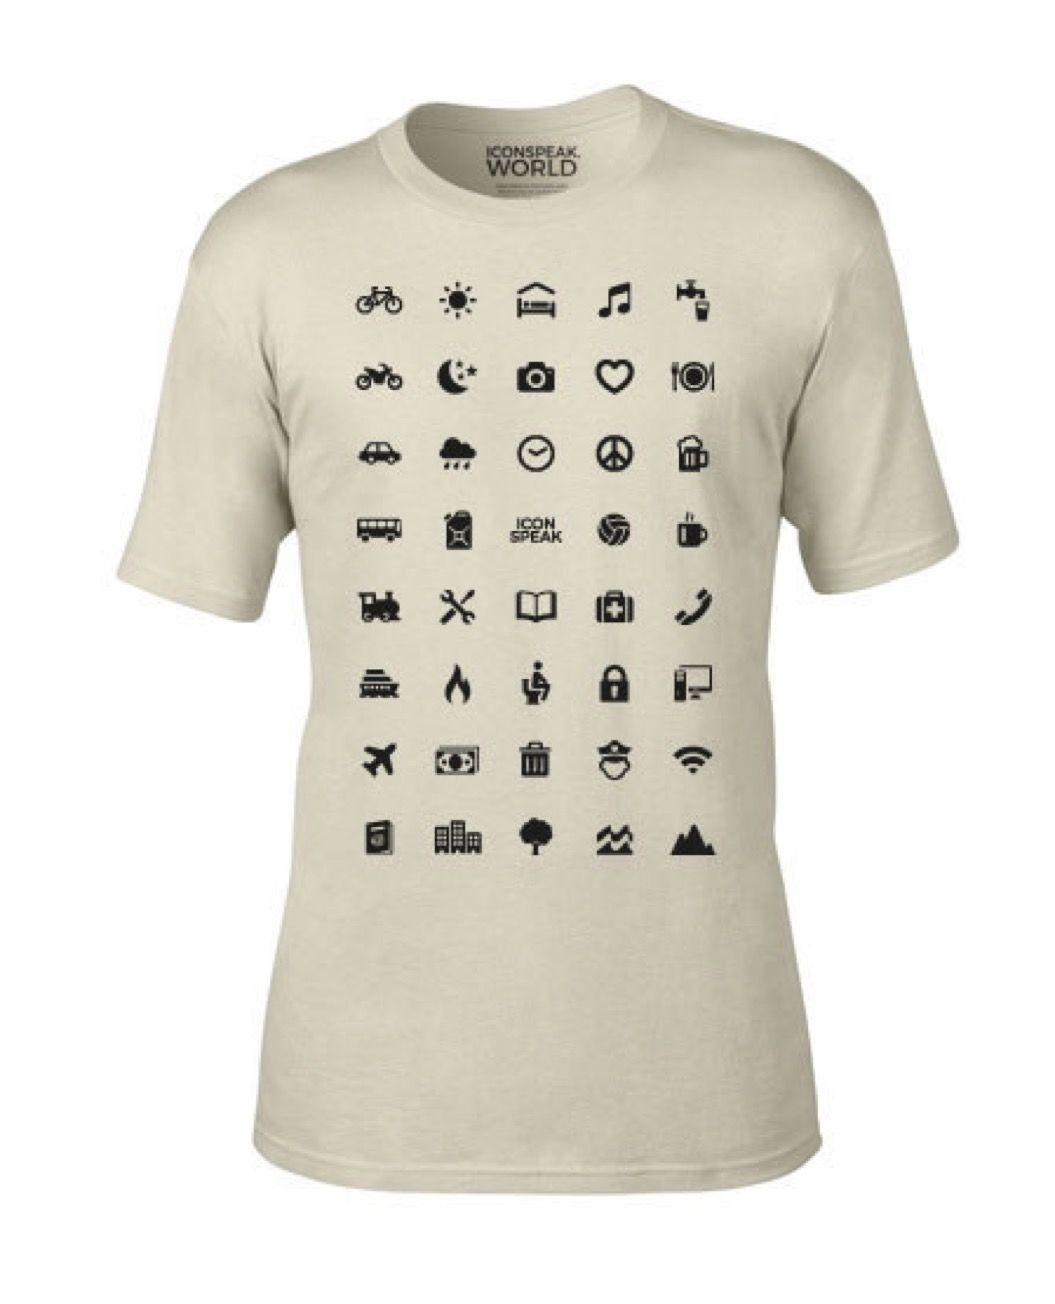 言葉が通じなくても大丈夫!「アイコン」で意思疎通できるTシャツがナイス